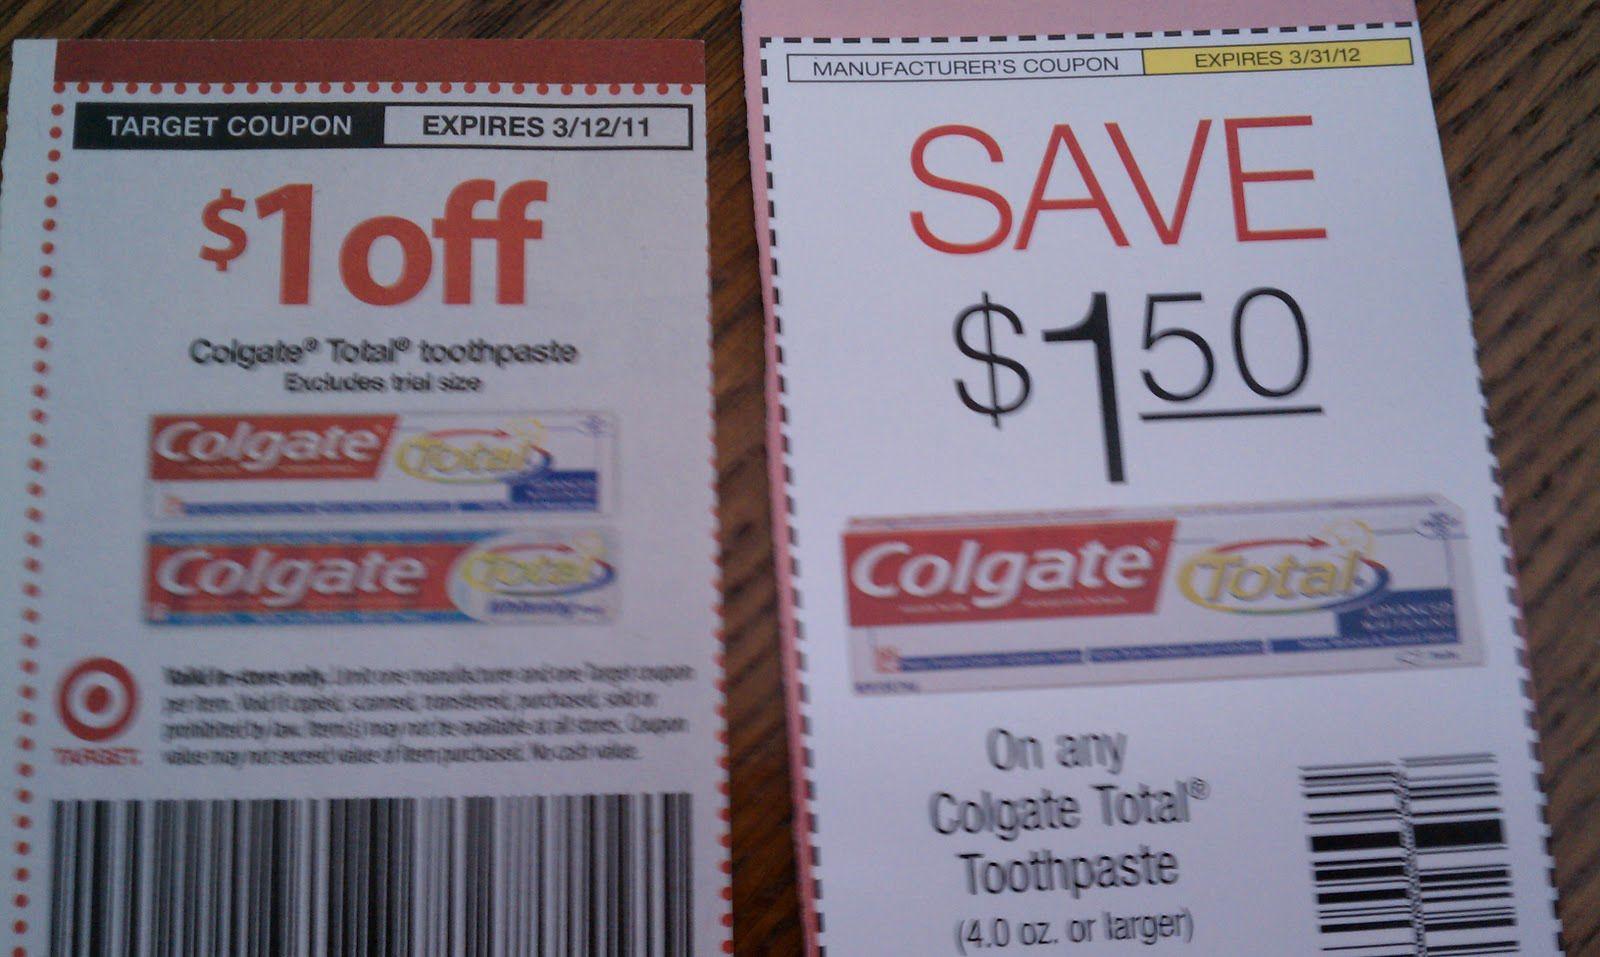 Como usar cupones de Target en Walmart en carretadecupones.com